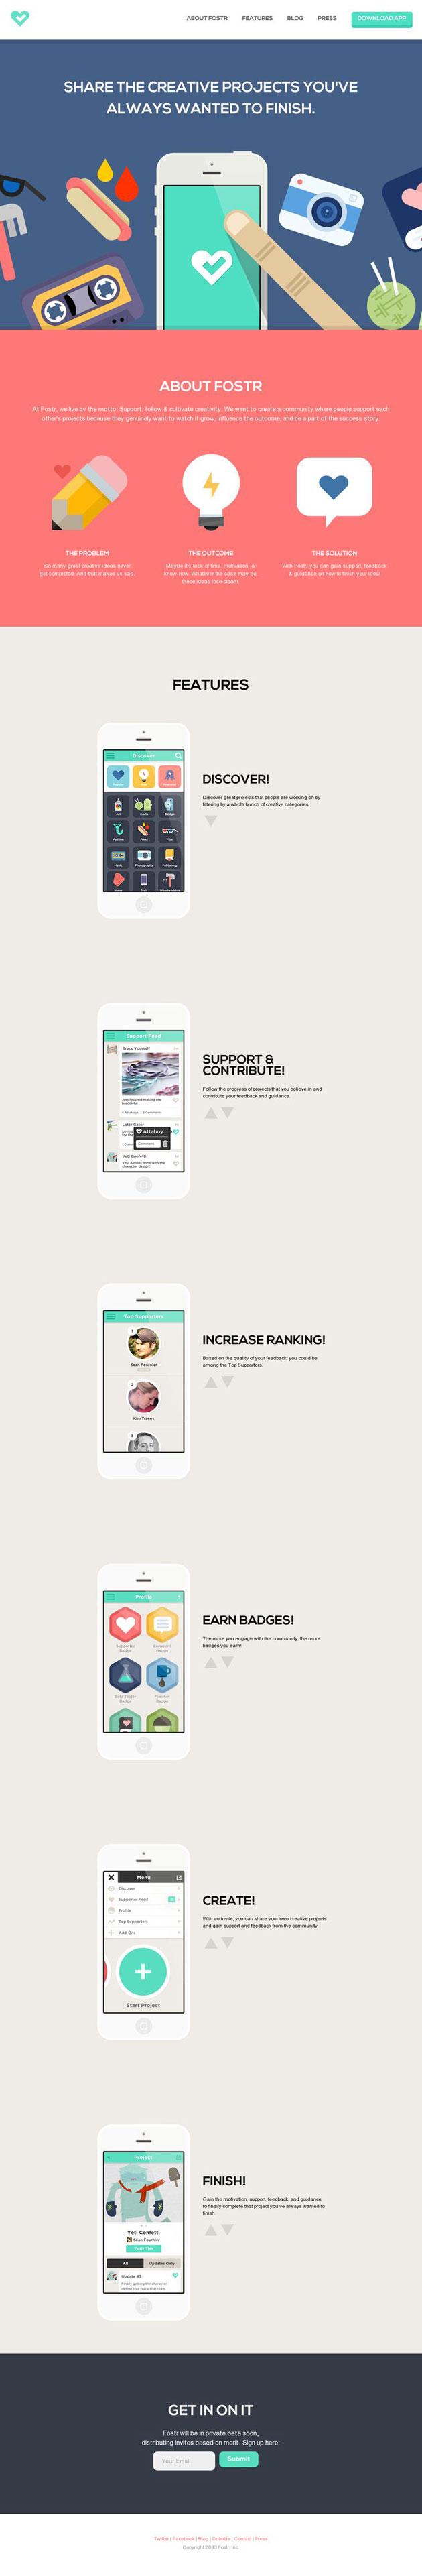 Fostr - Inspiración web design